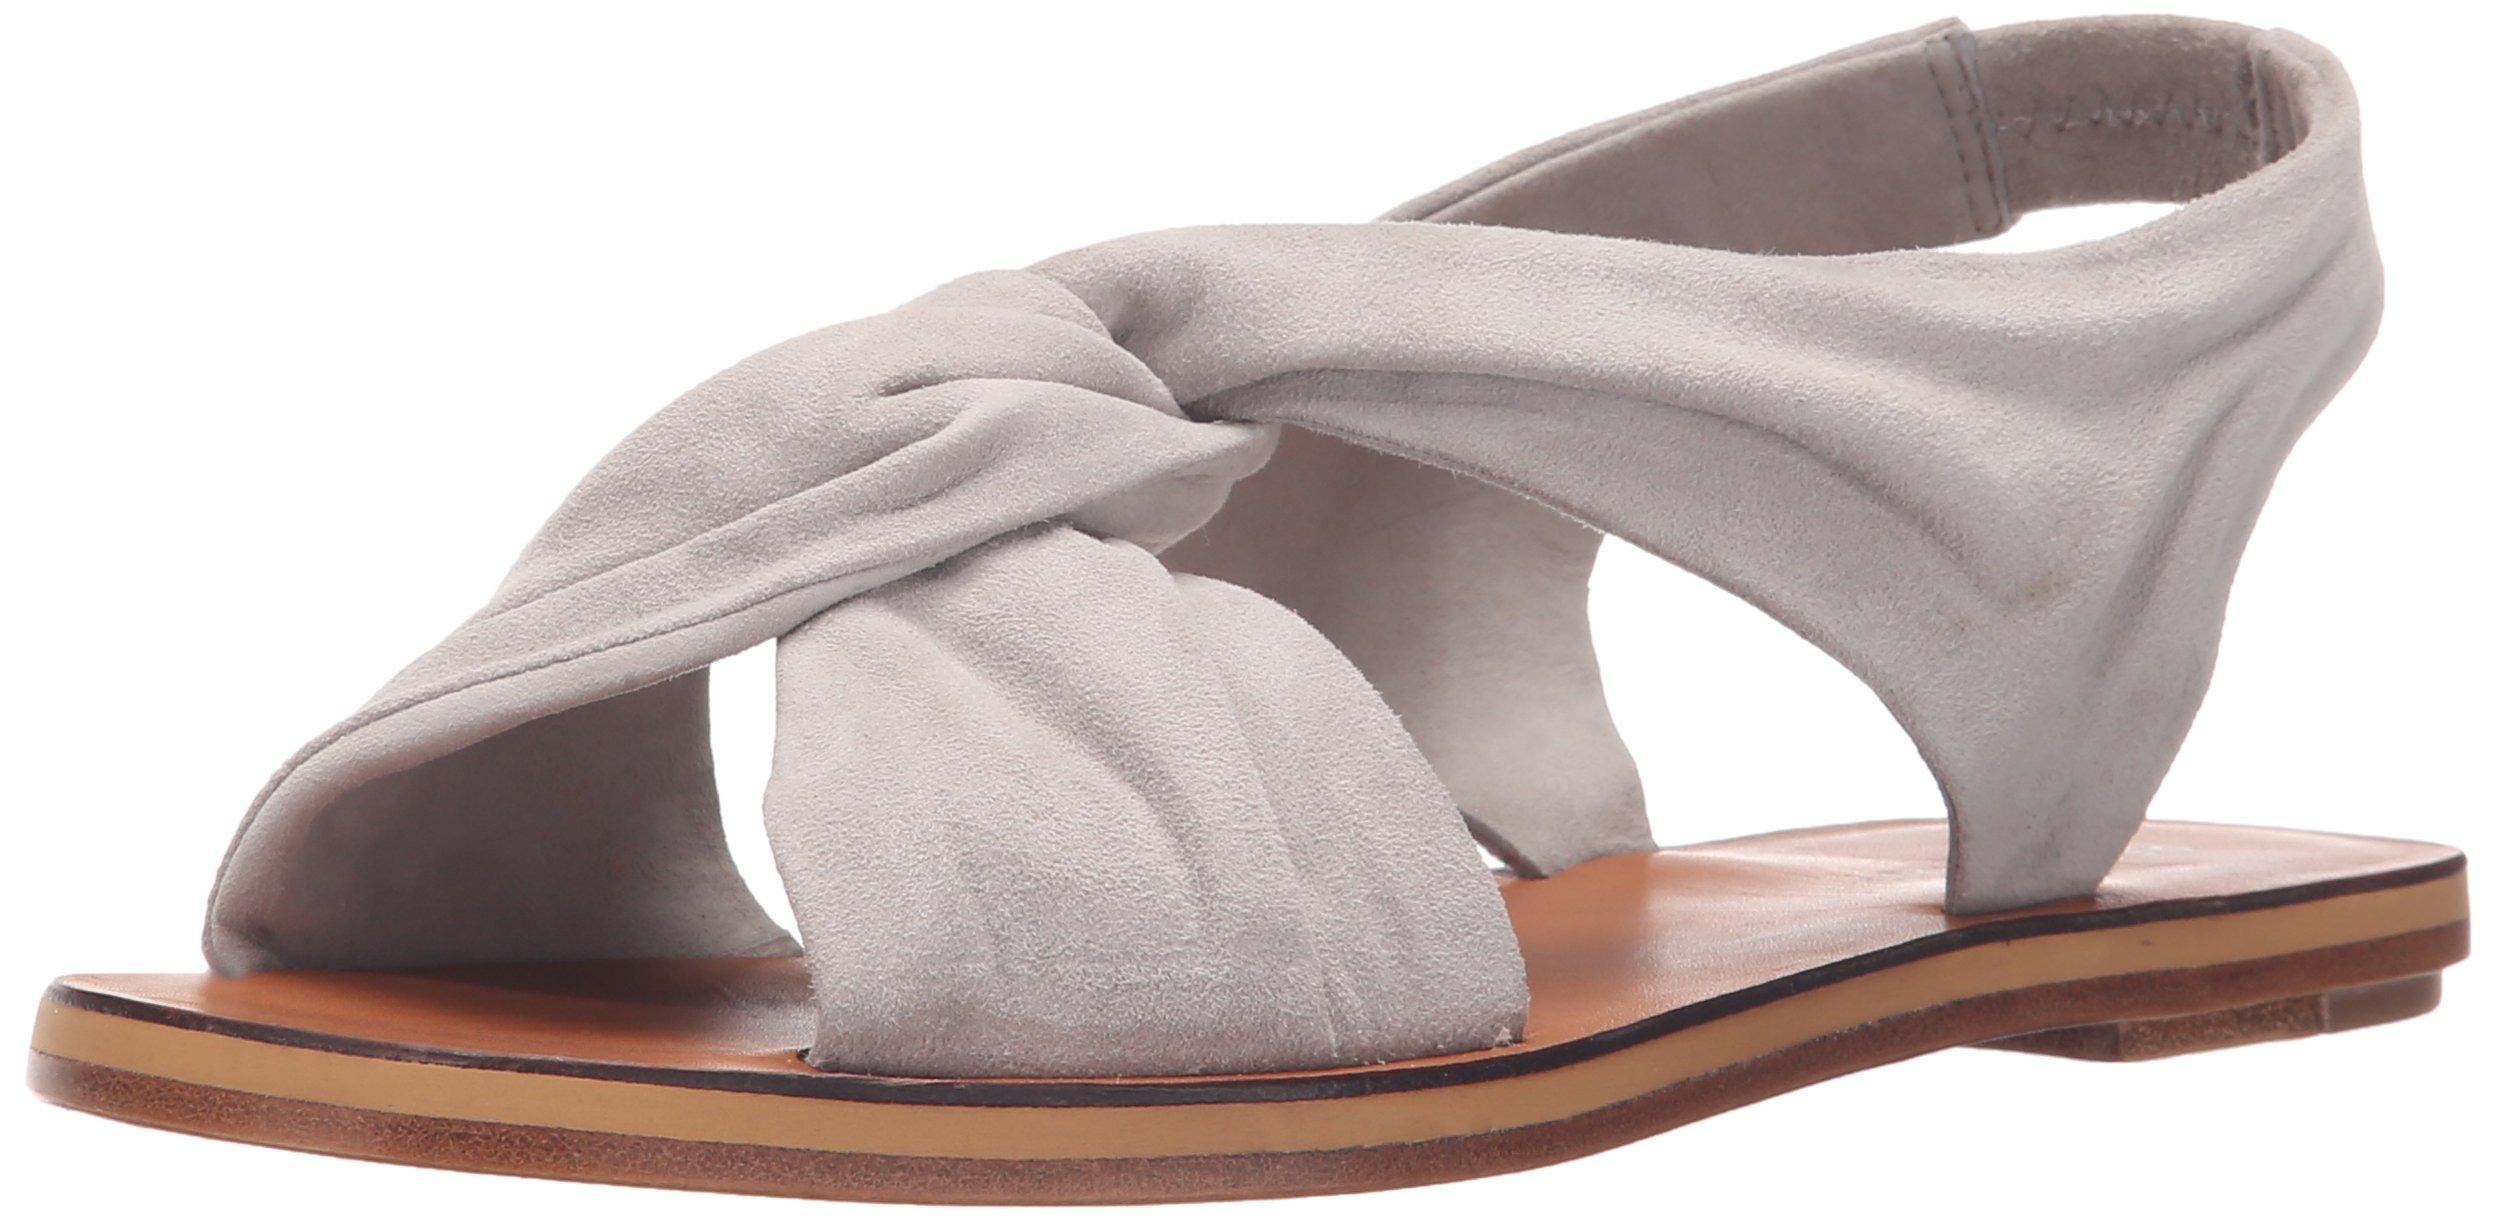 10 Crosby Women's Pell Dress Sandal, Grey Fine Suede, 7.5 M US